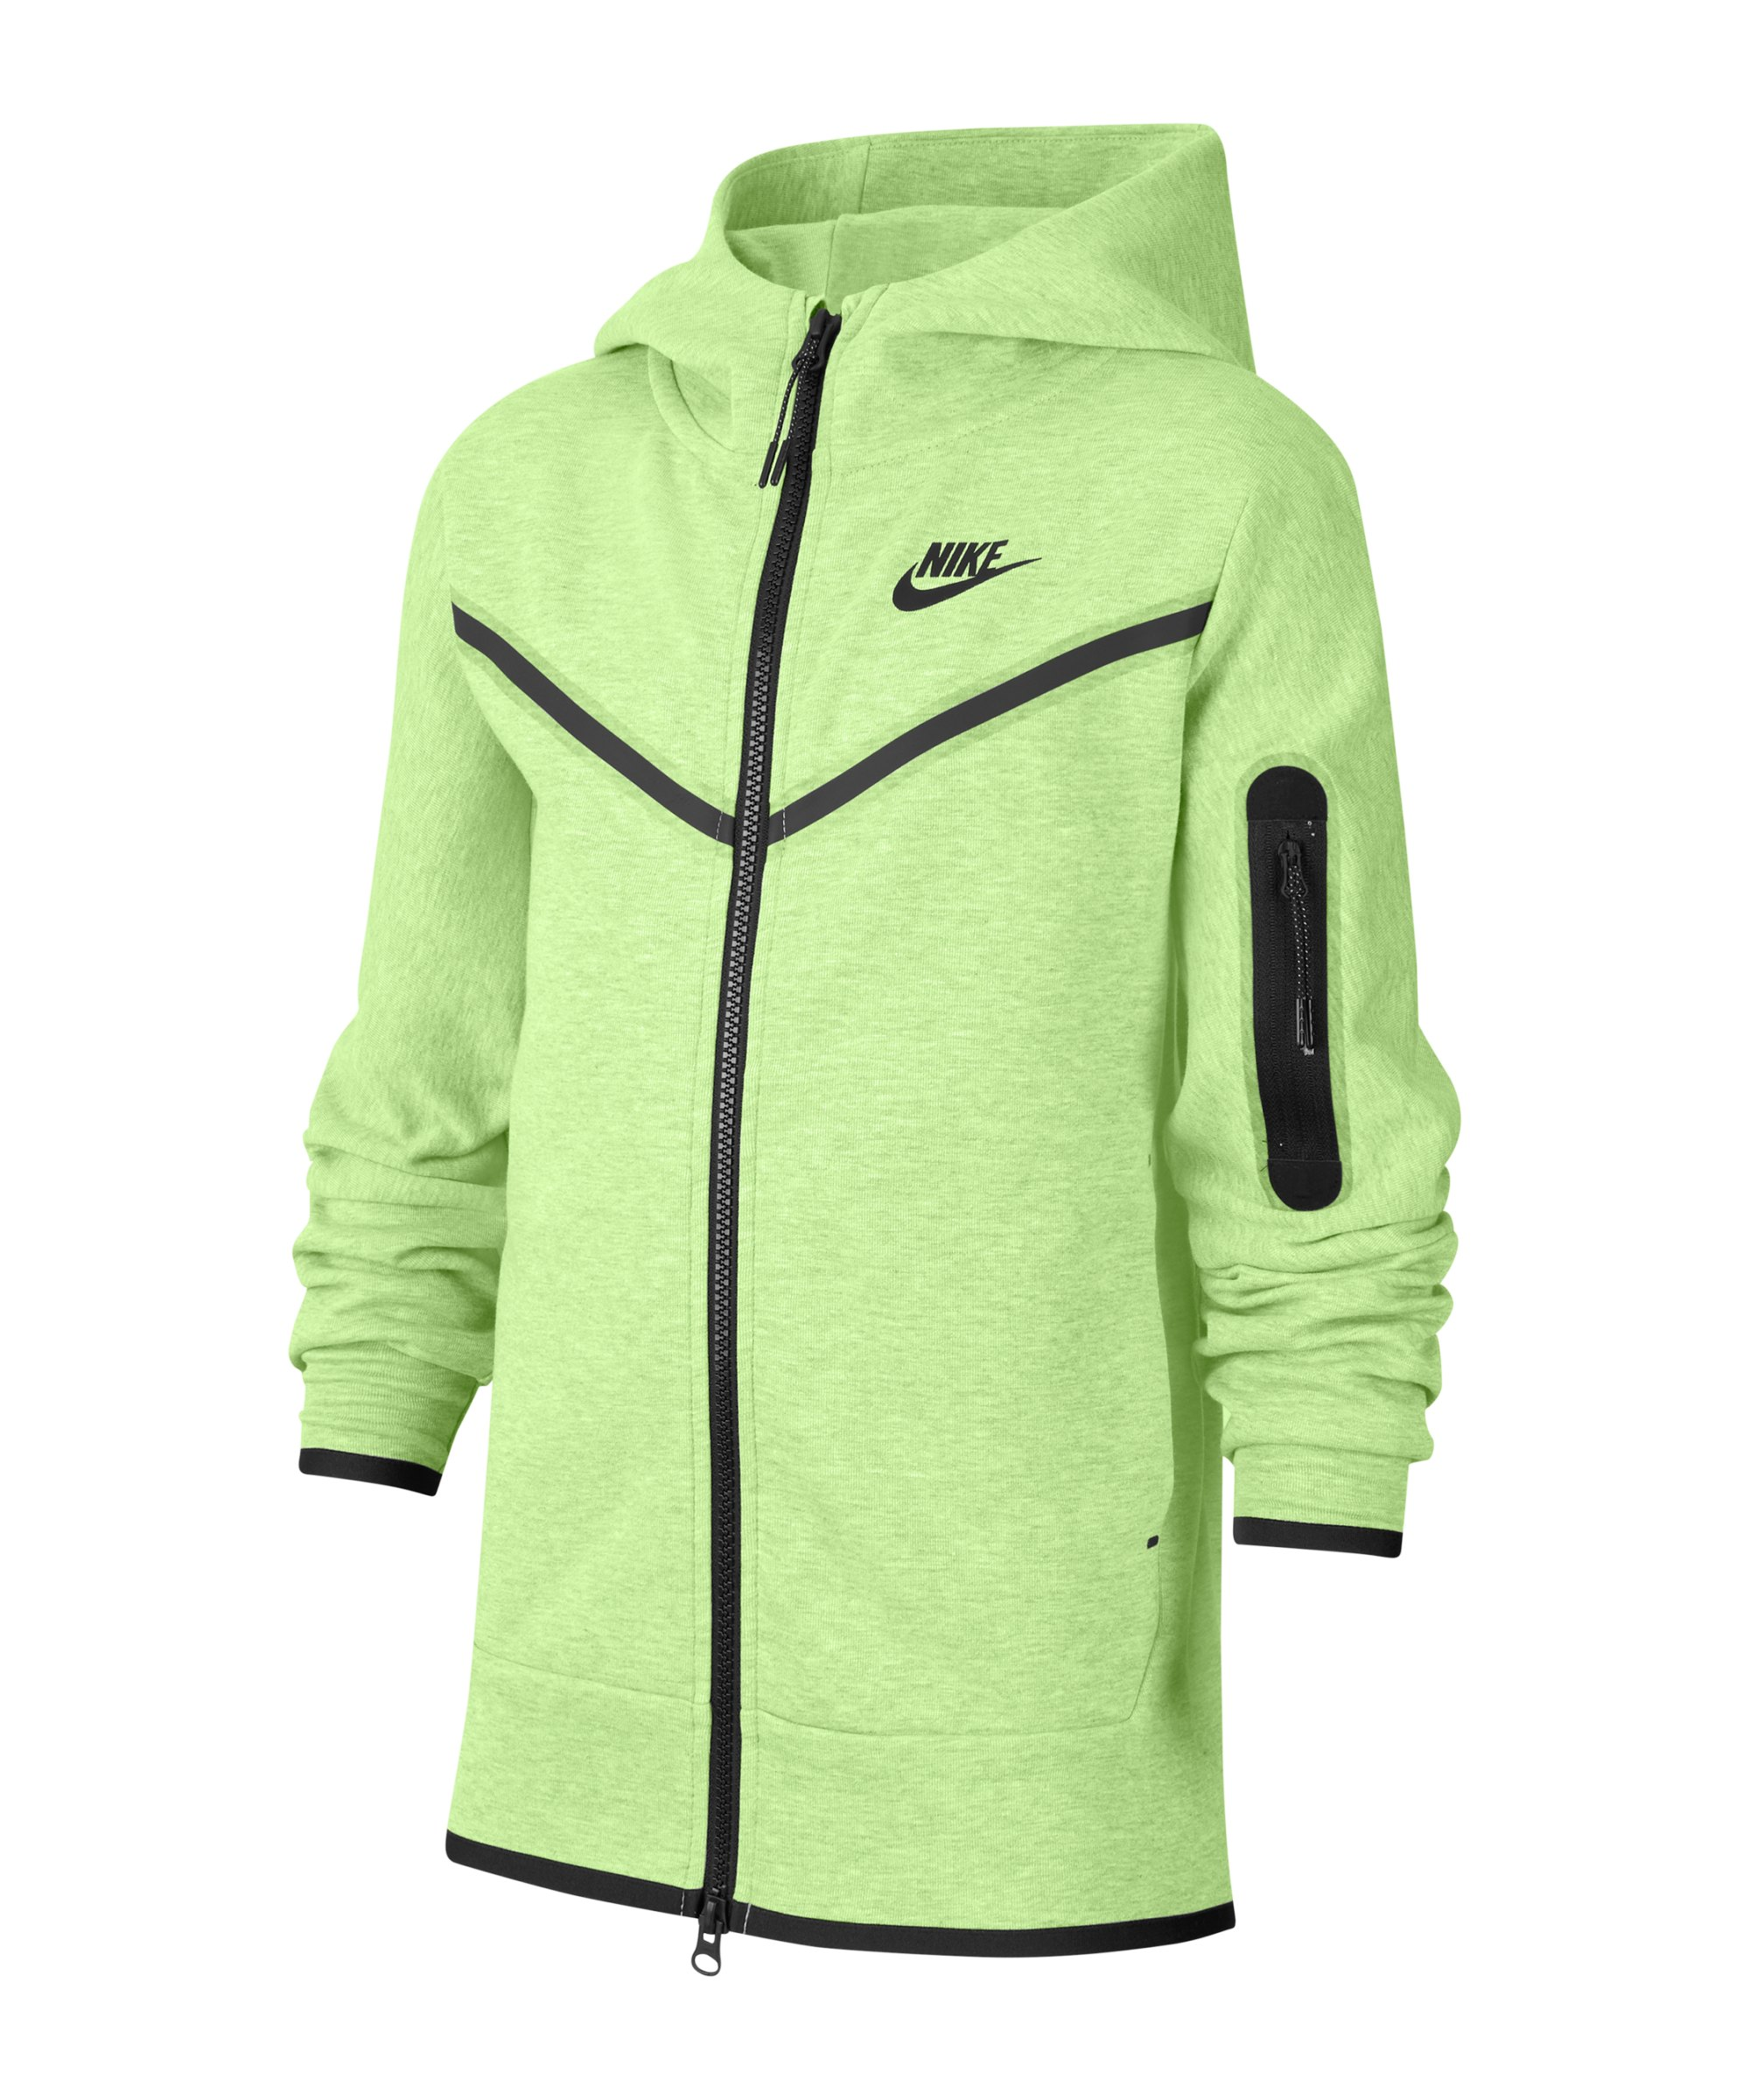 Nike Tech Fleece Jacke Kids Grün F383 - gruen